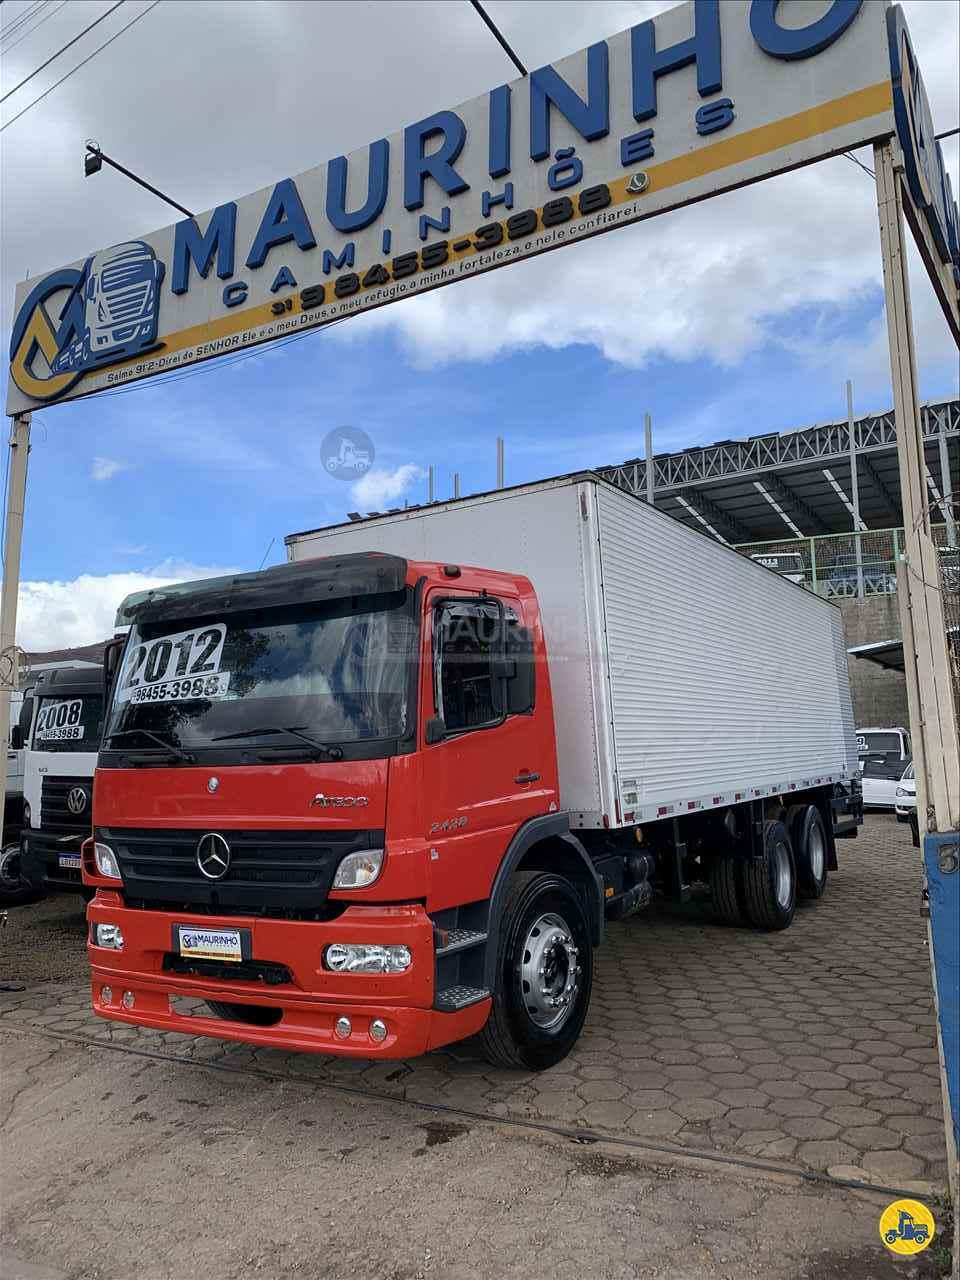 CAMINHAO MERCEDES-BENZ MB 2428 Baú Furgão Truck 6x2 Maurinho Caminhões JOAO MONLEVADE MINAS GERAIS MG